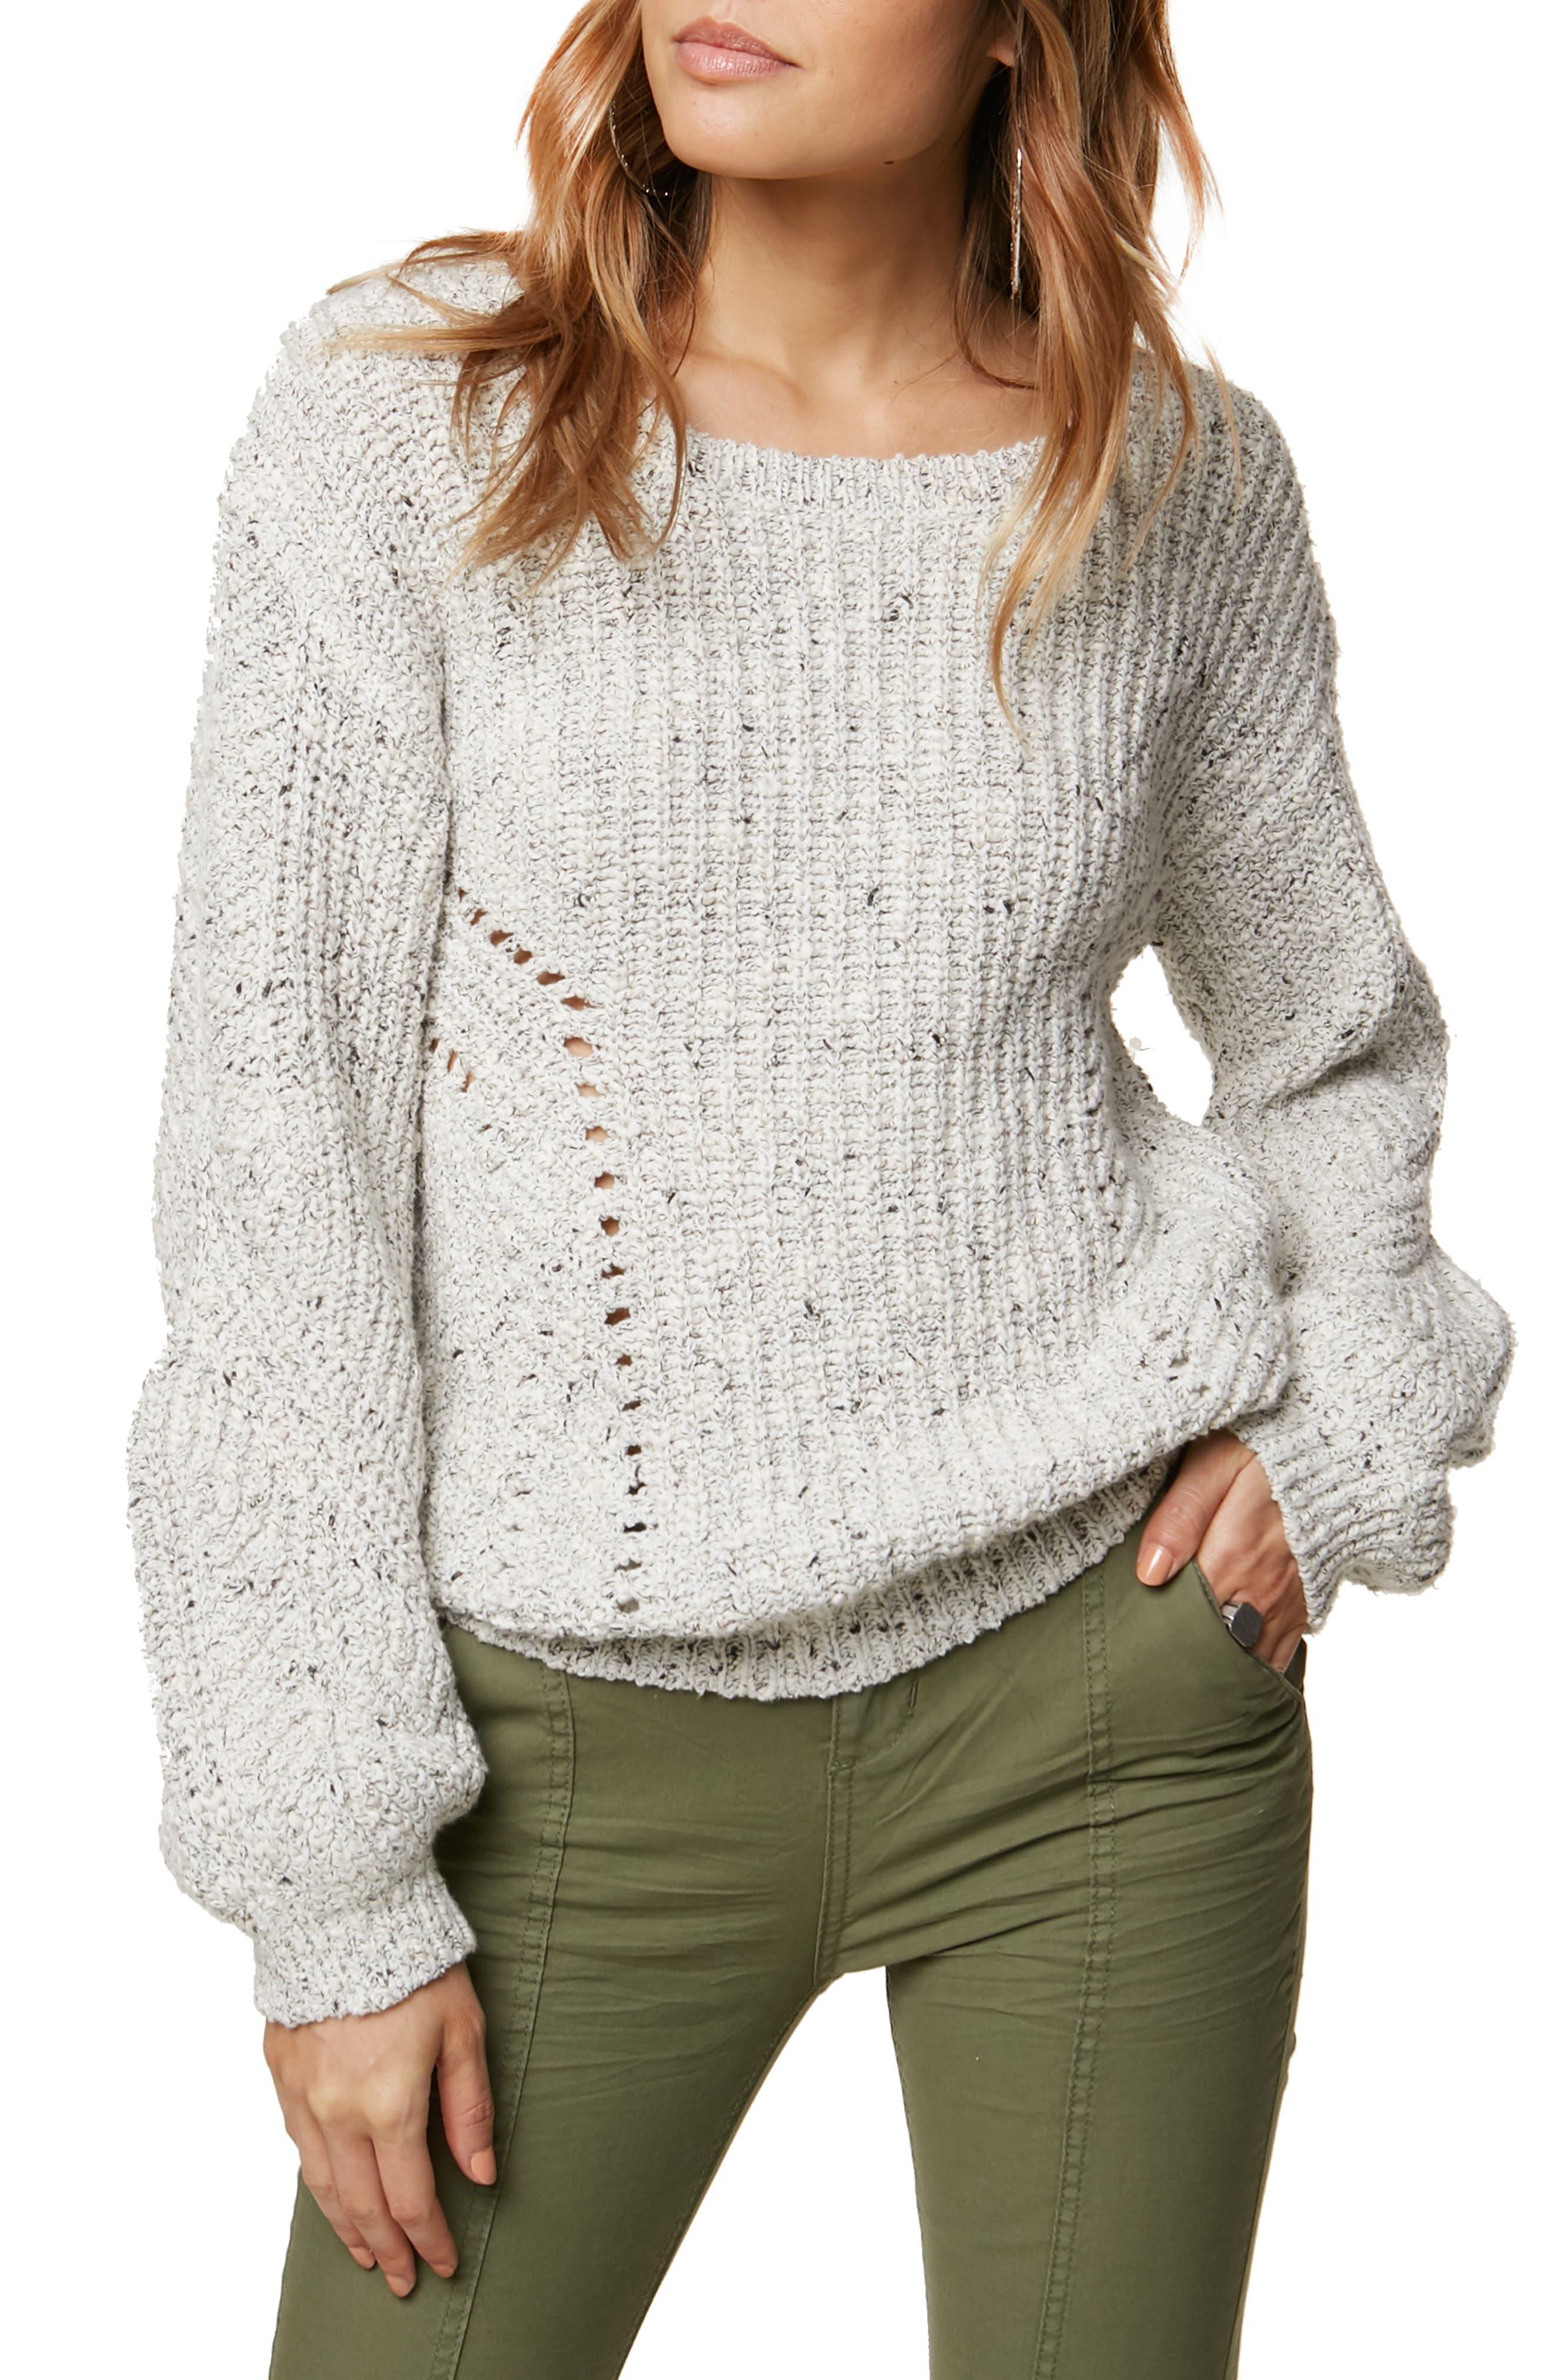 Sailor Cotton Blend Sweater,                             Main thumbnail 1, color,                             100